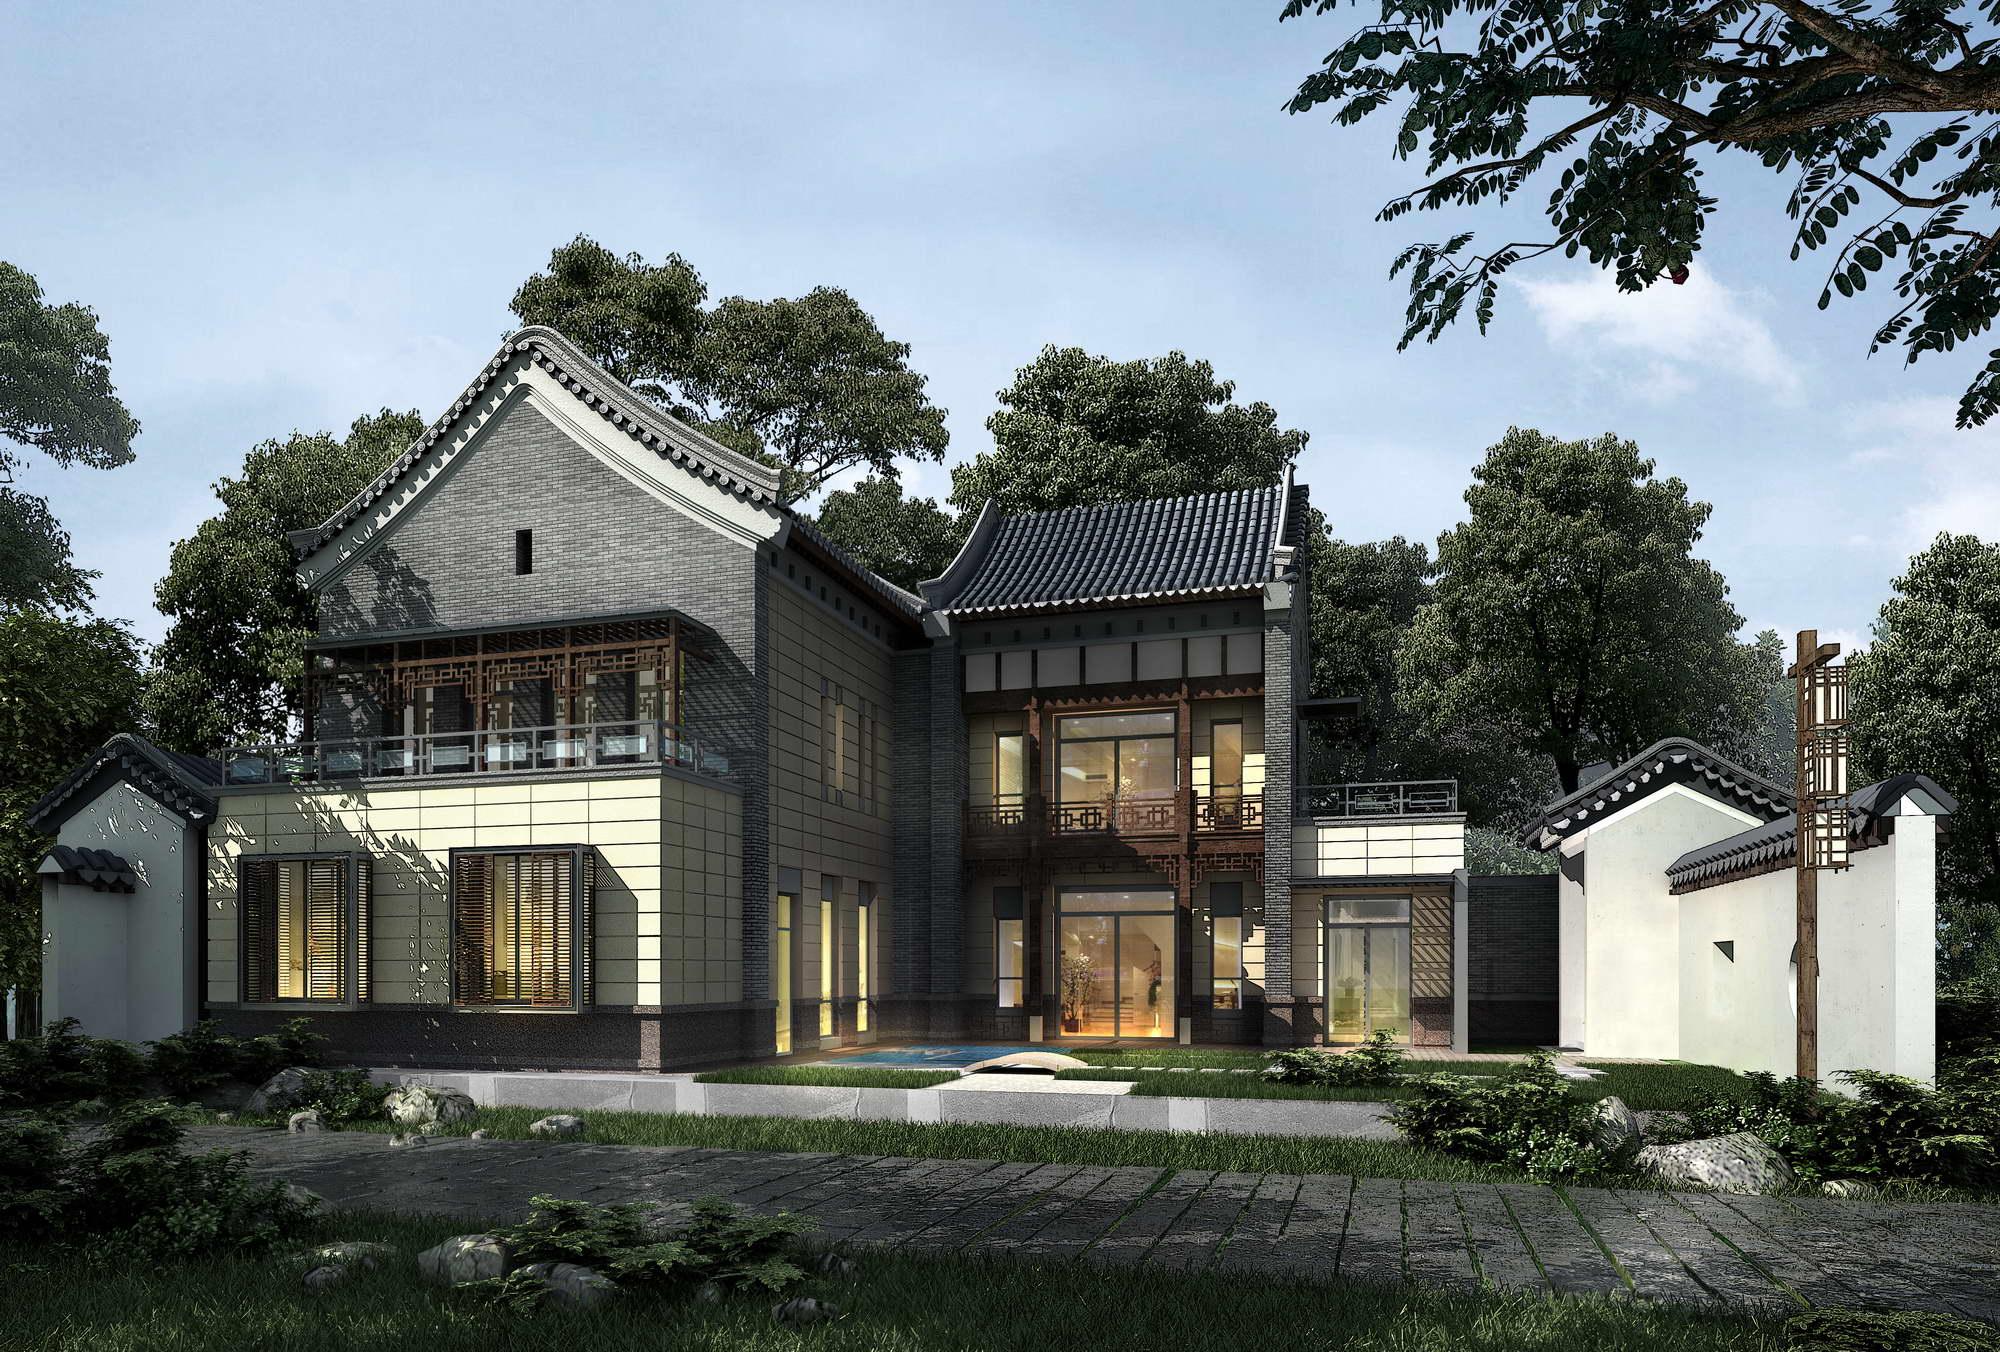 Villa 005 3d model buy villa 005 3d model flatpyramid for Villas 3d model